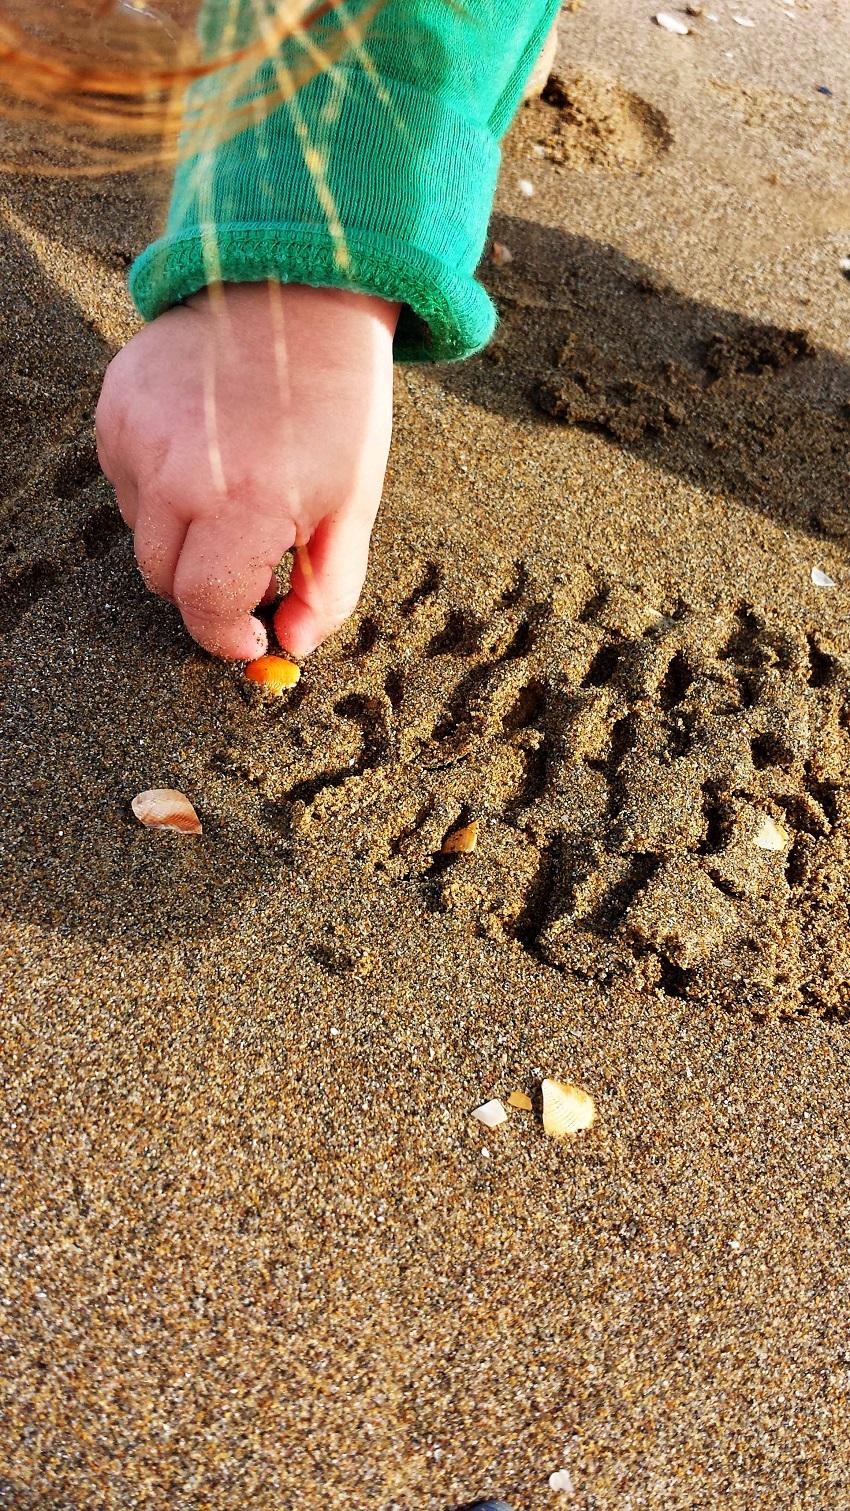 Muscheln sammeln...immer noch die schönste Strandbeschäftigung für das Reisemäuschen!